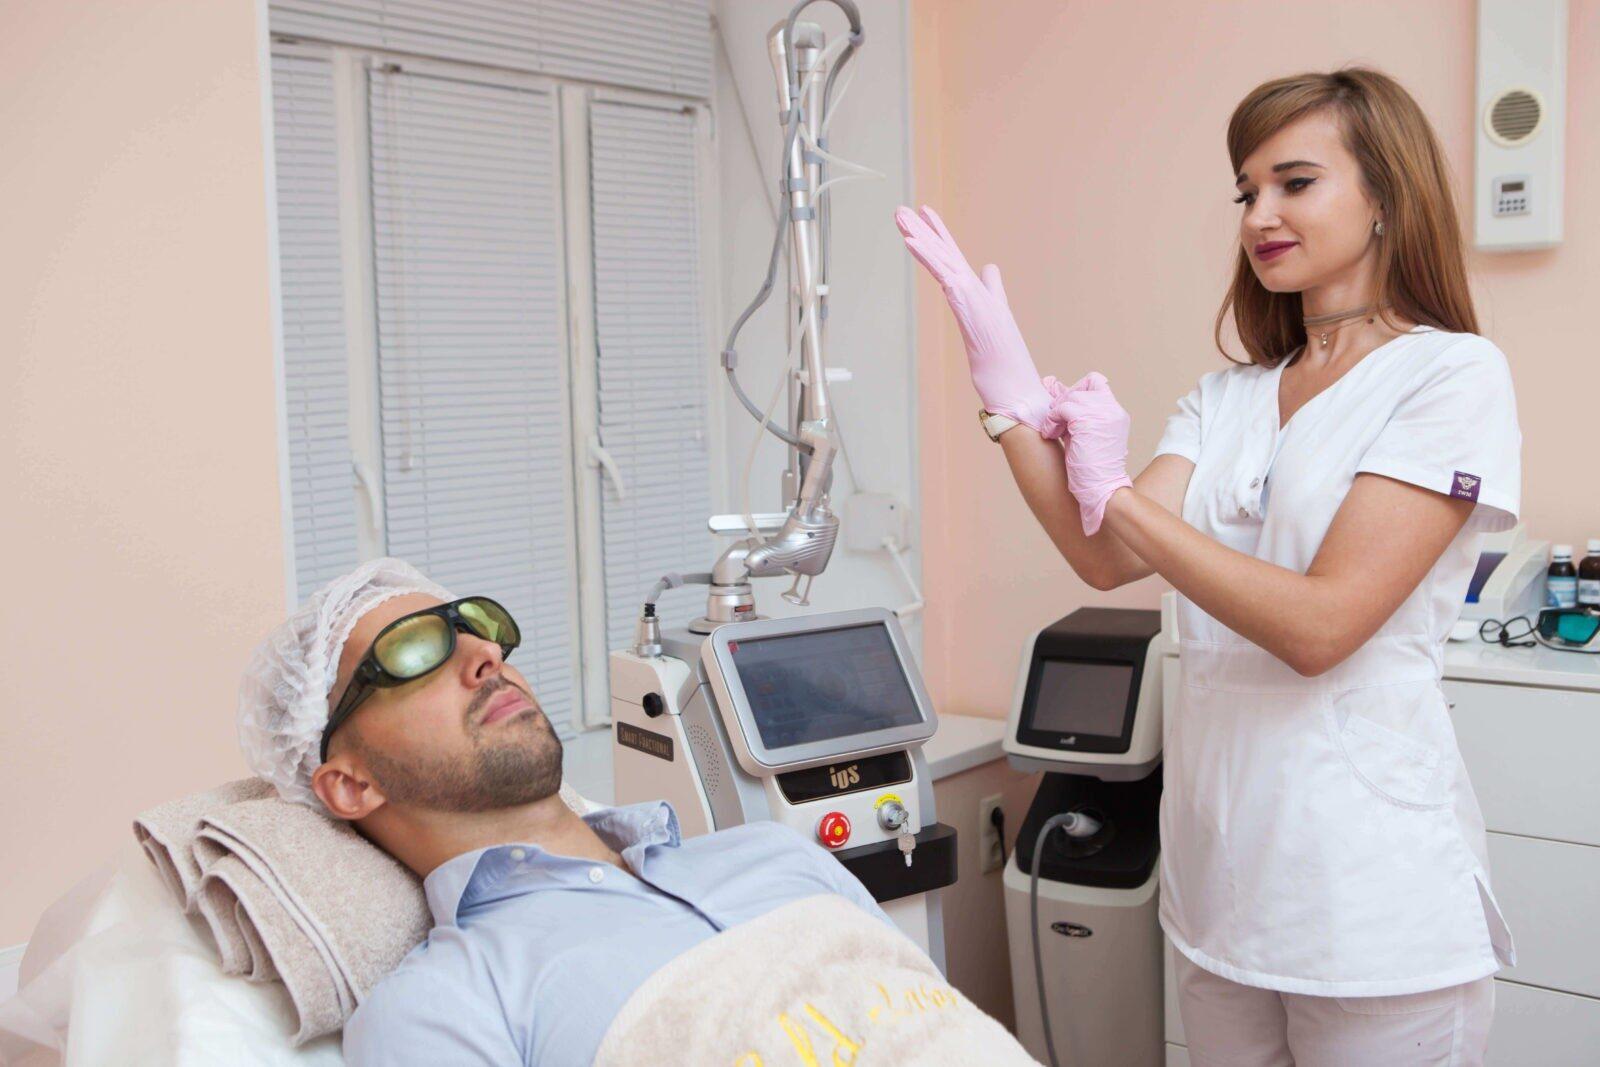 Лазерное лечение грибка ногтей в Gold laser